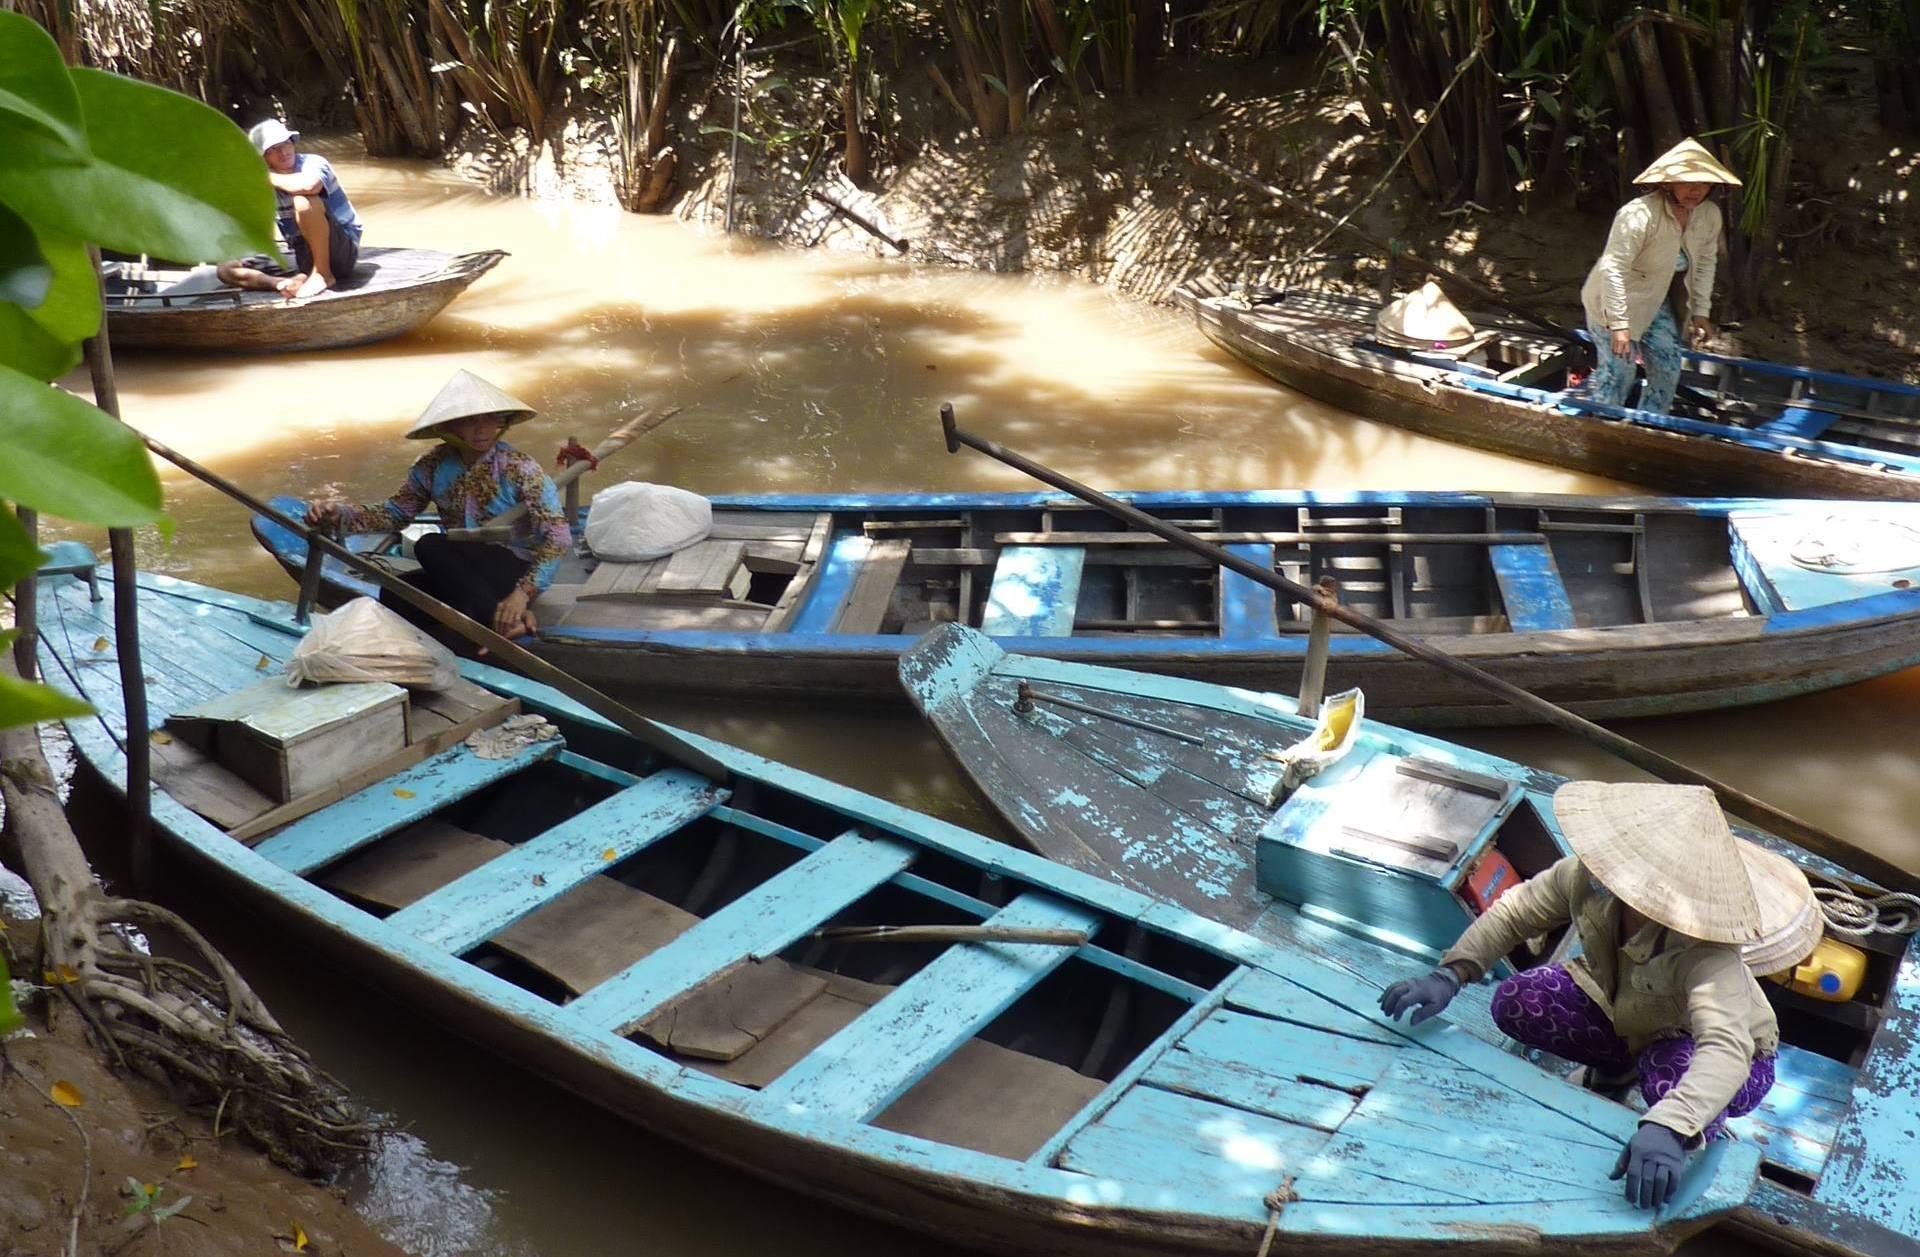 Kulinarisch unterwegs im Mekongdelta. Von Drachenaugen und Elefantenohrfischen. vietnam sonne land und leute asien  tui berlin vietnam mekongdelta boote 1